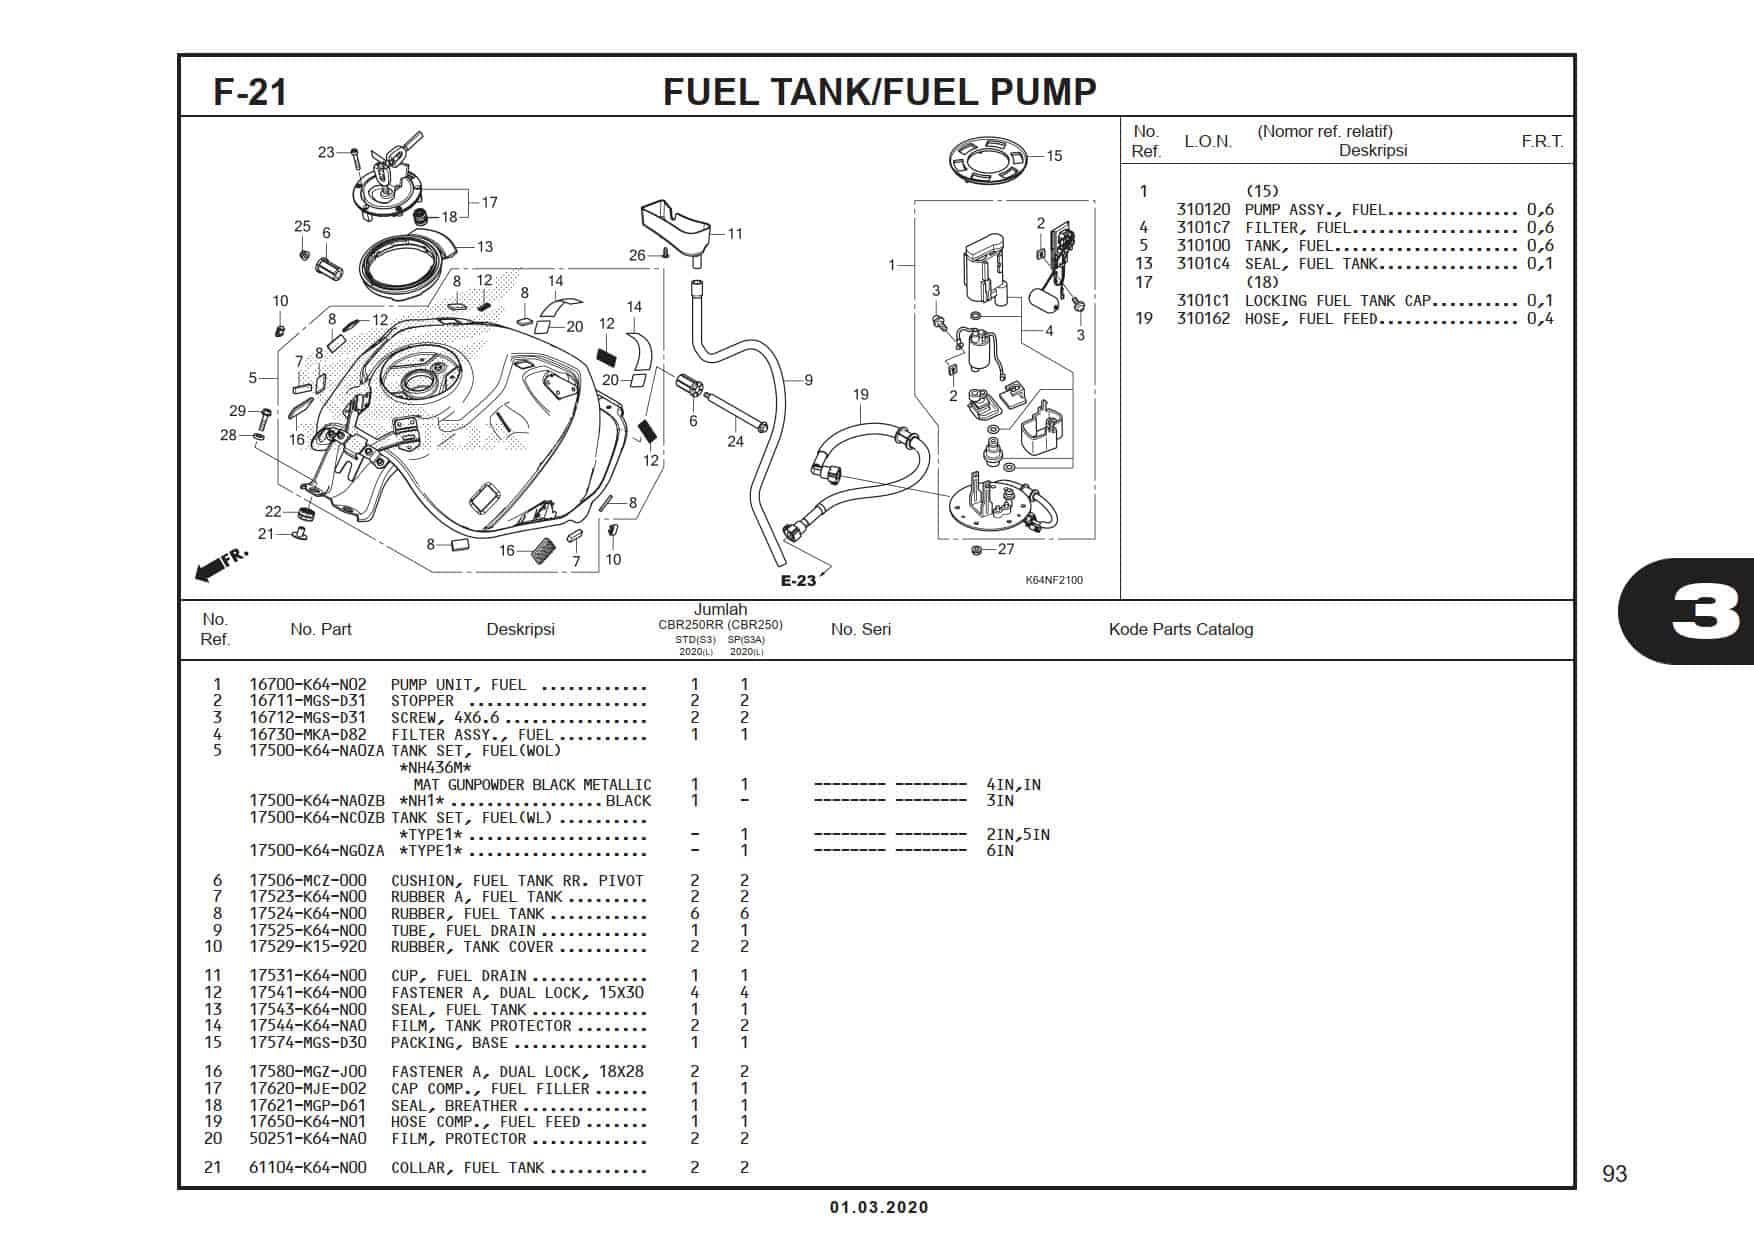 F-21 Fuel Tank/Fuel Pump